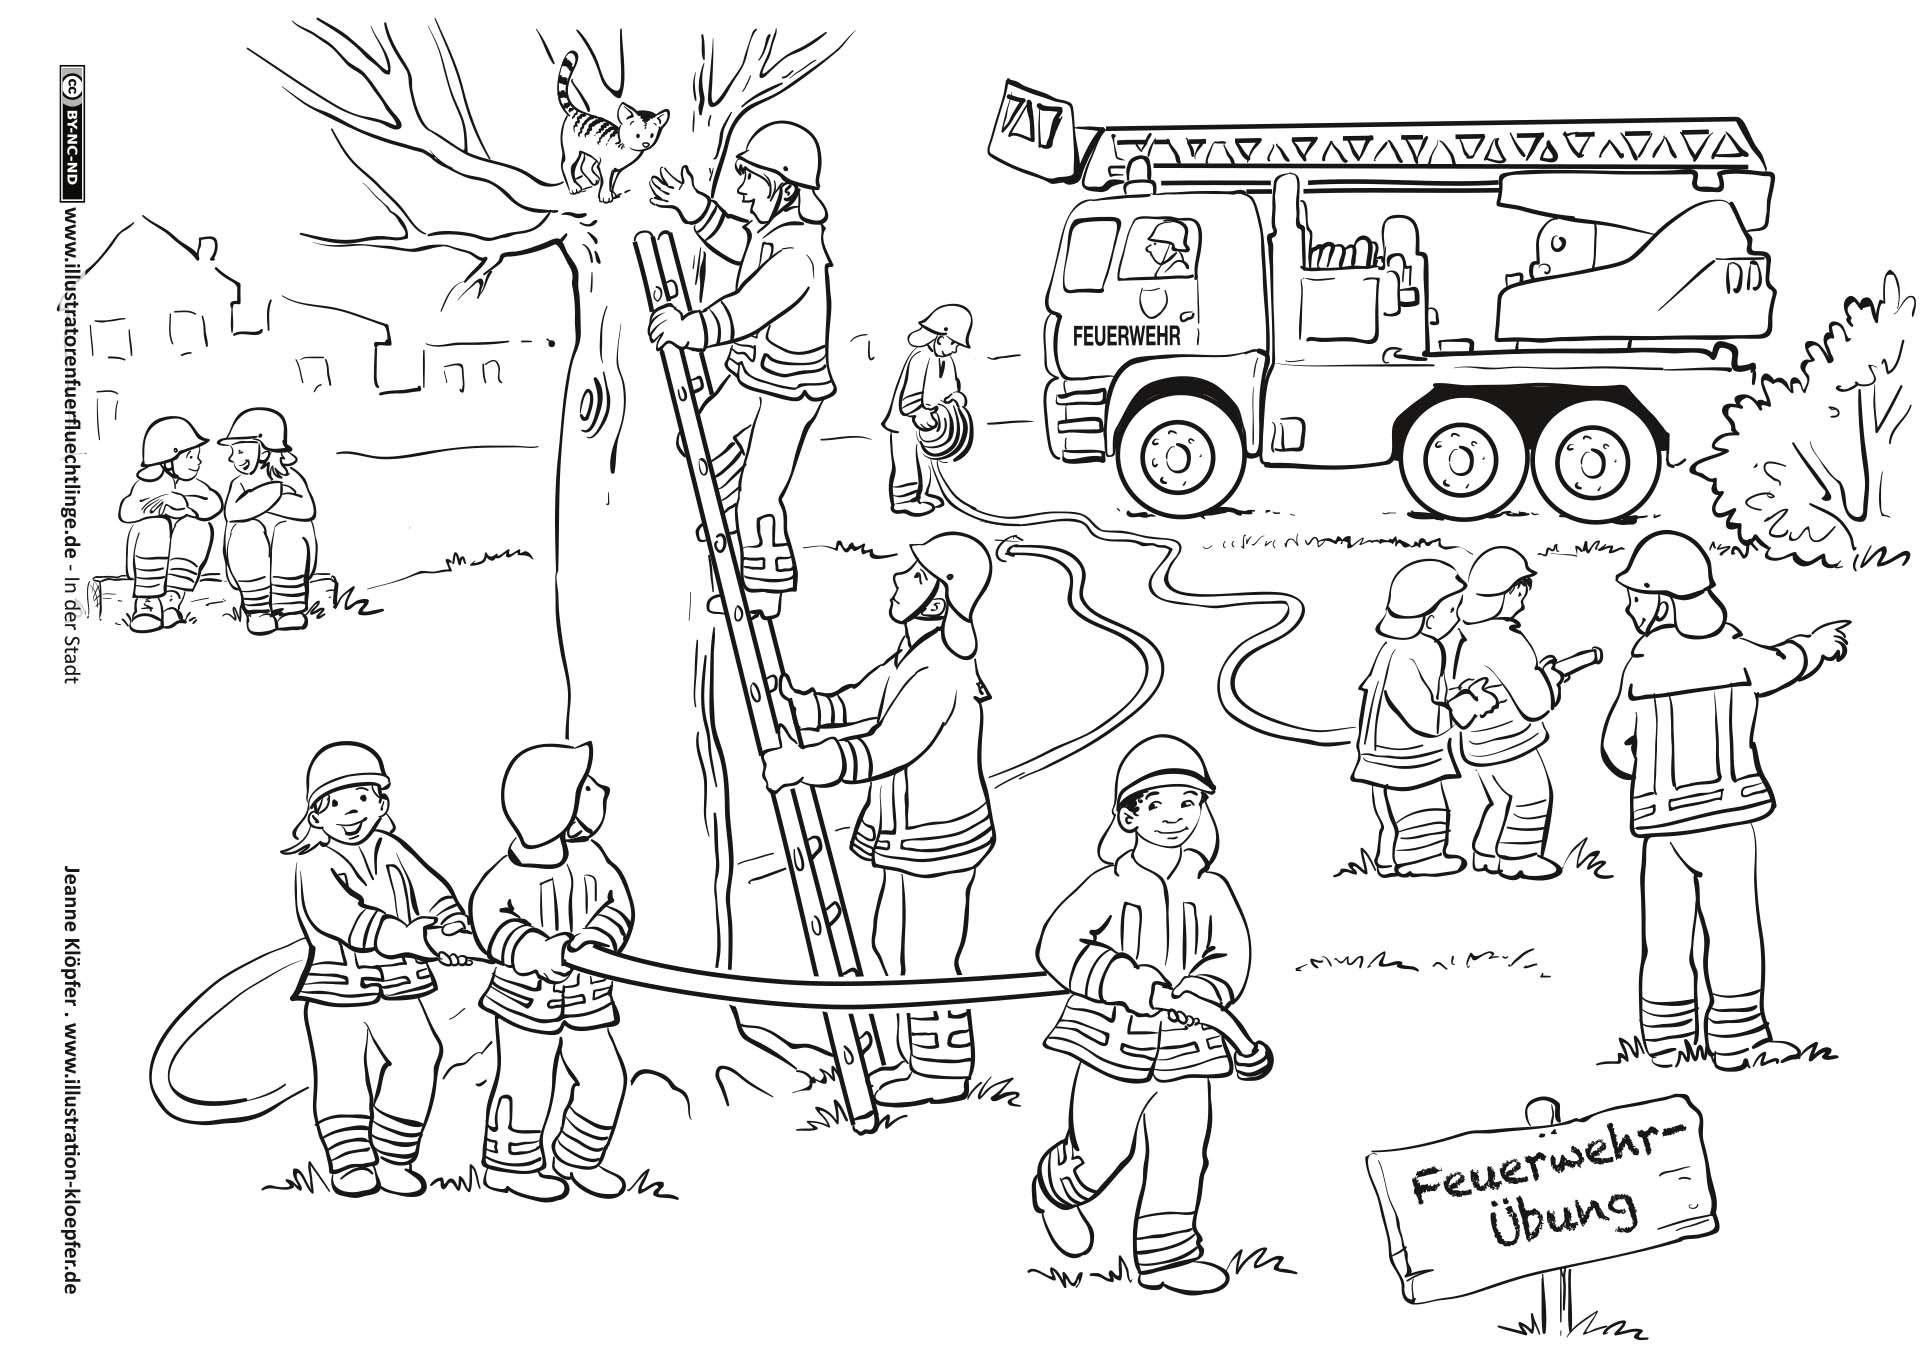 Feuerwehr (Mit Bildern) | Kinder Feuerwehr, Feuerwehr mit Malbuch Feuerwehr